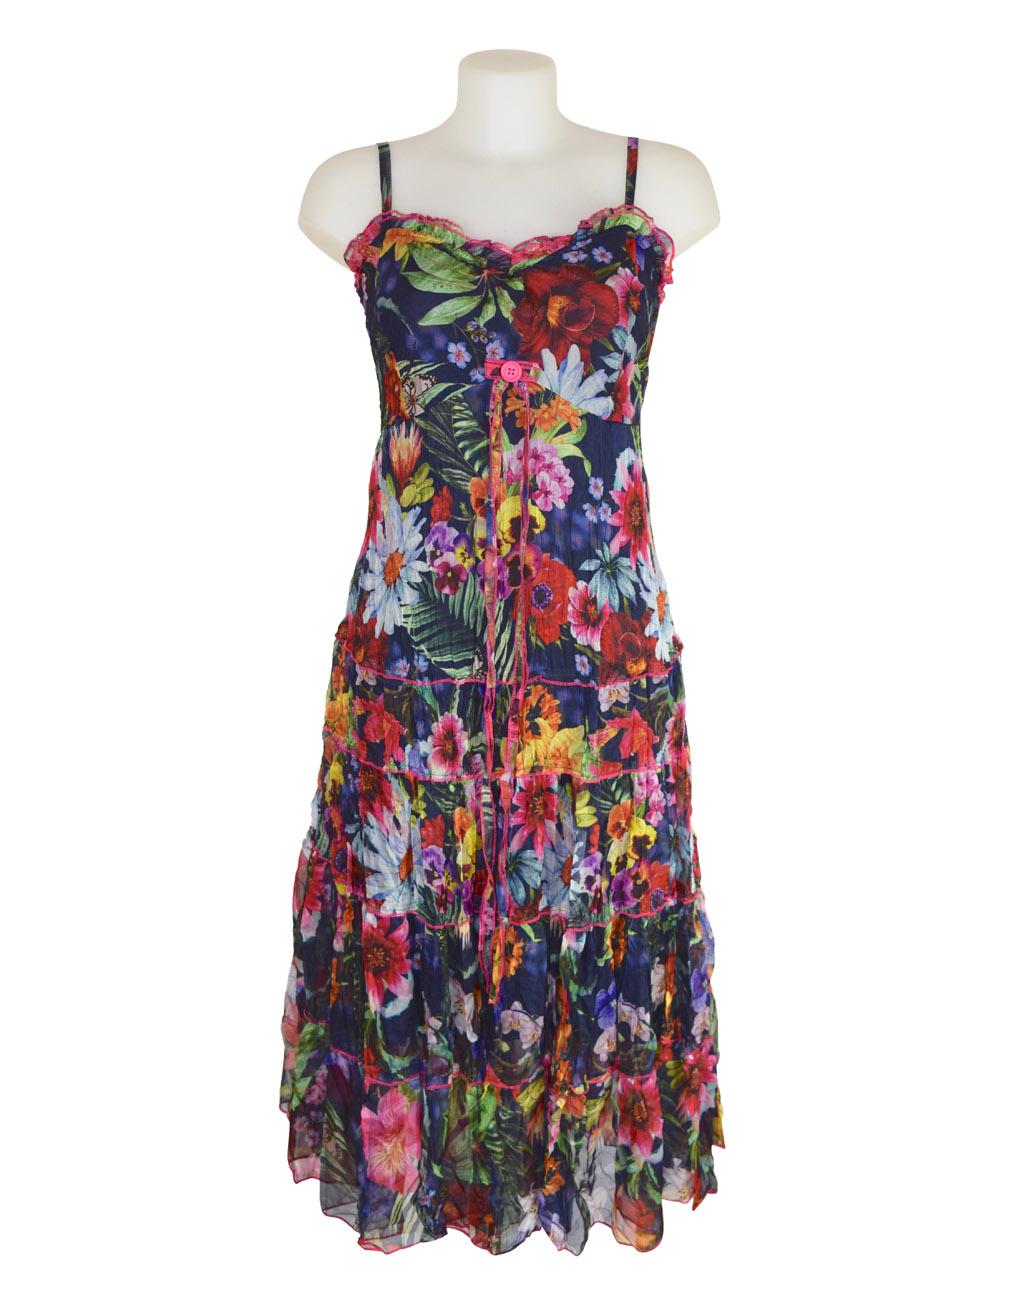 Sensations Pour Elle's Navy Floral Maxi Dress